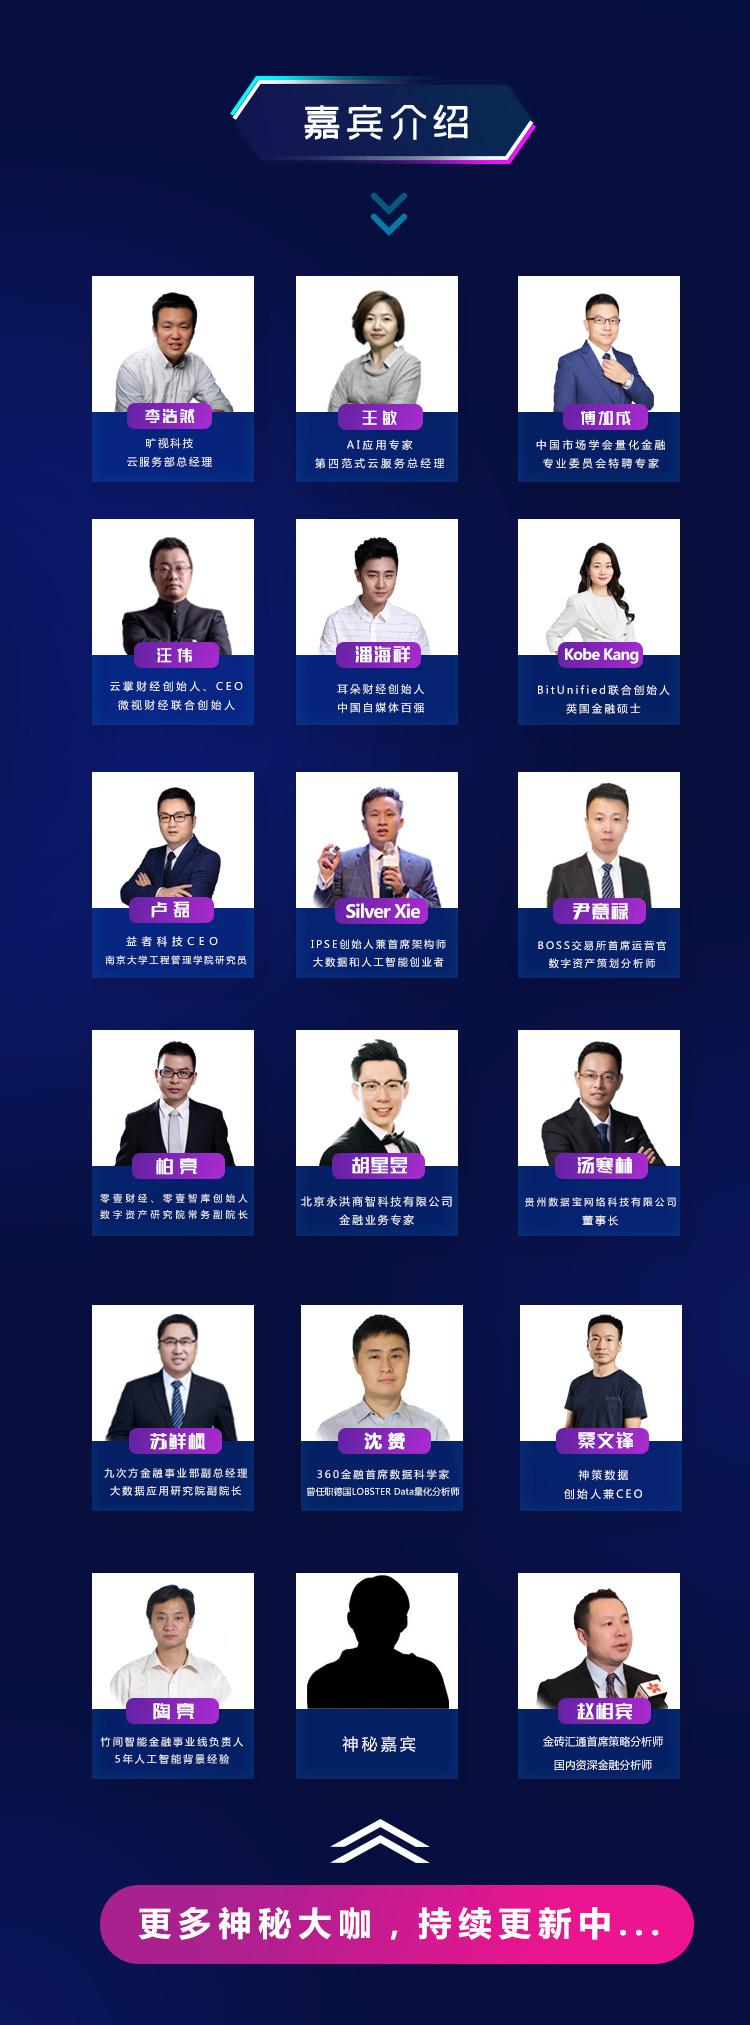 2019 金融科技ABCD峰会(北京)